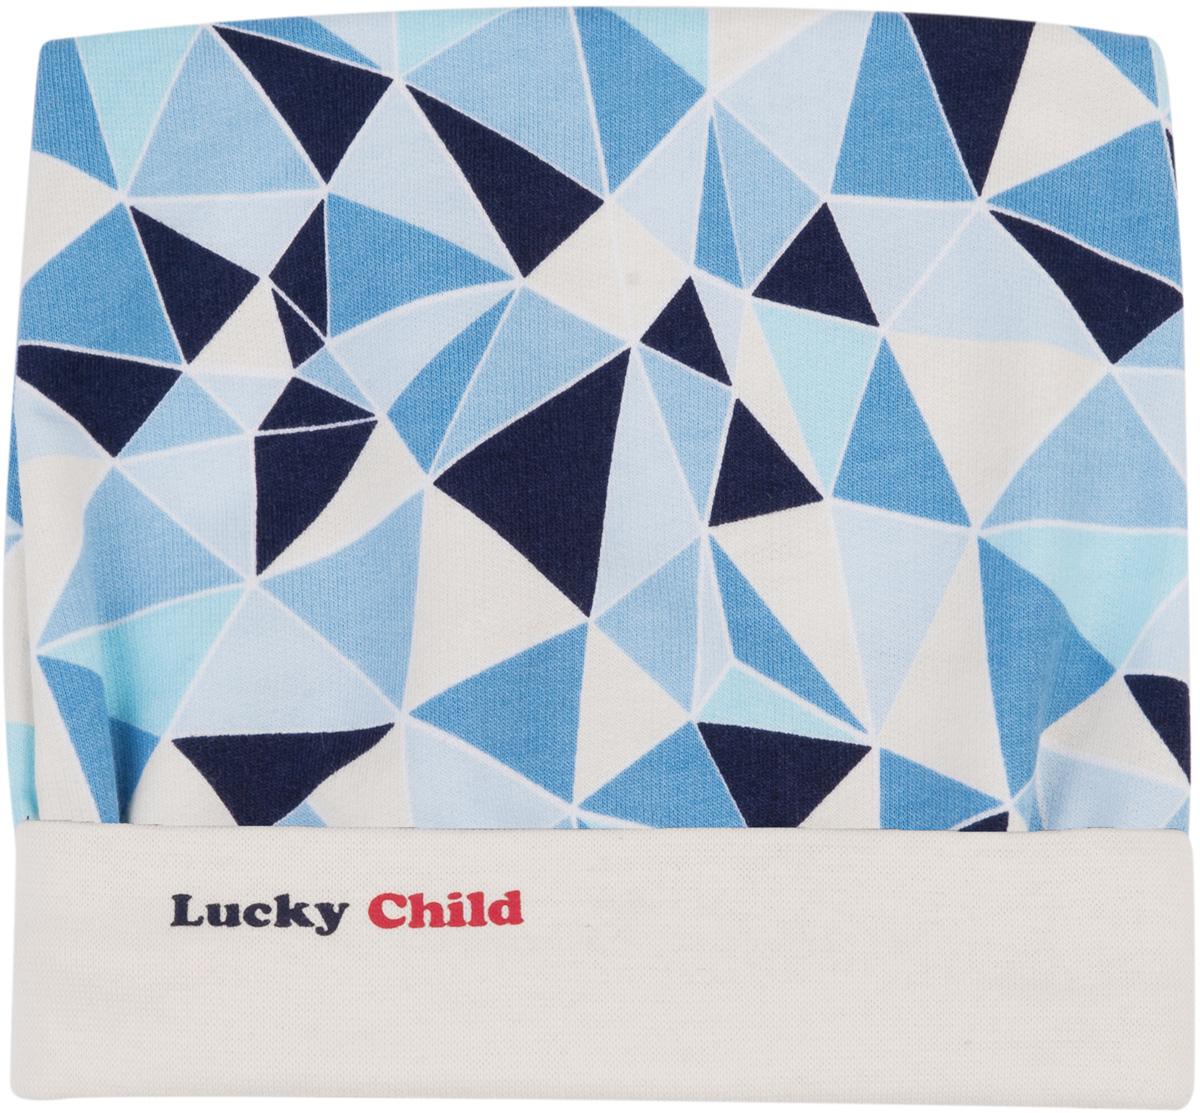 Шапочка для мальчика Lucky Child, цвет: голубой, синий. 32-9. Размер 4532-9Шапочка выполнена из мягкого интерлока высшего качества, благодаря этому она будет держать форму и не выцветать. Резиночки этой модели хорошо прилегают к личику малыша и обеспечивают защиту ушек от ветра и холода.